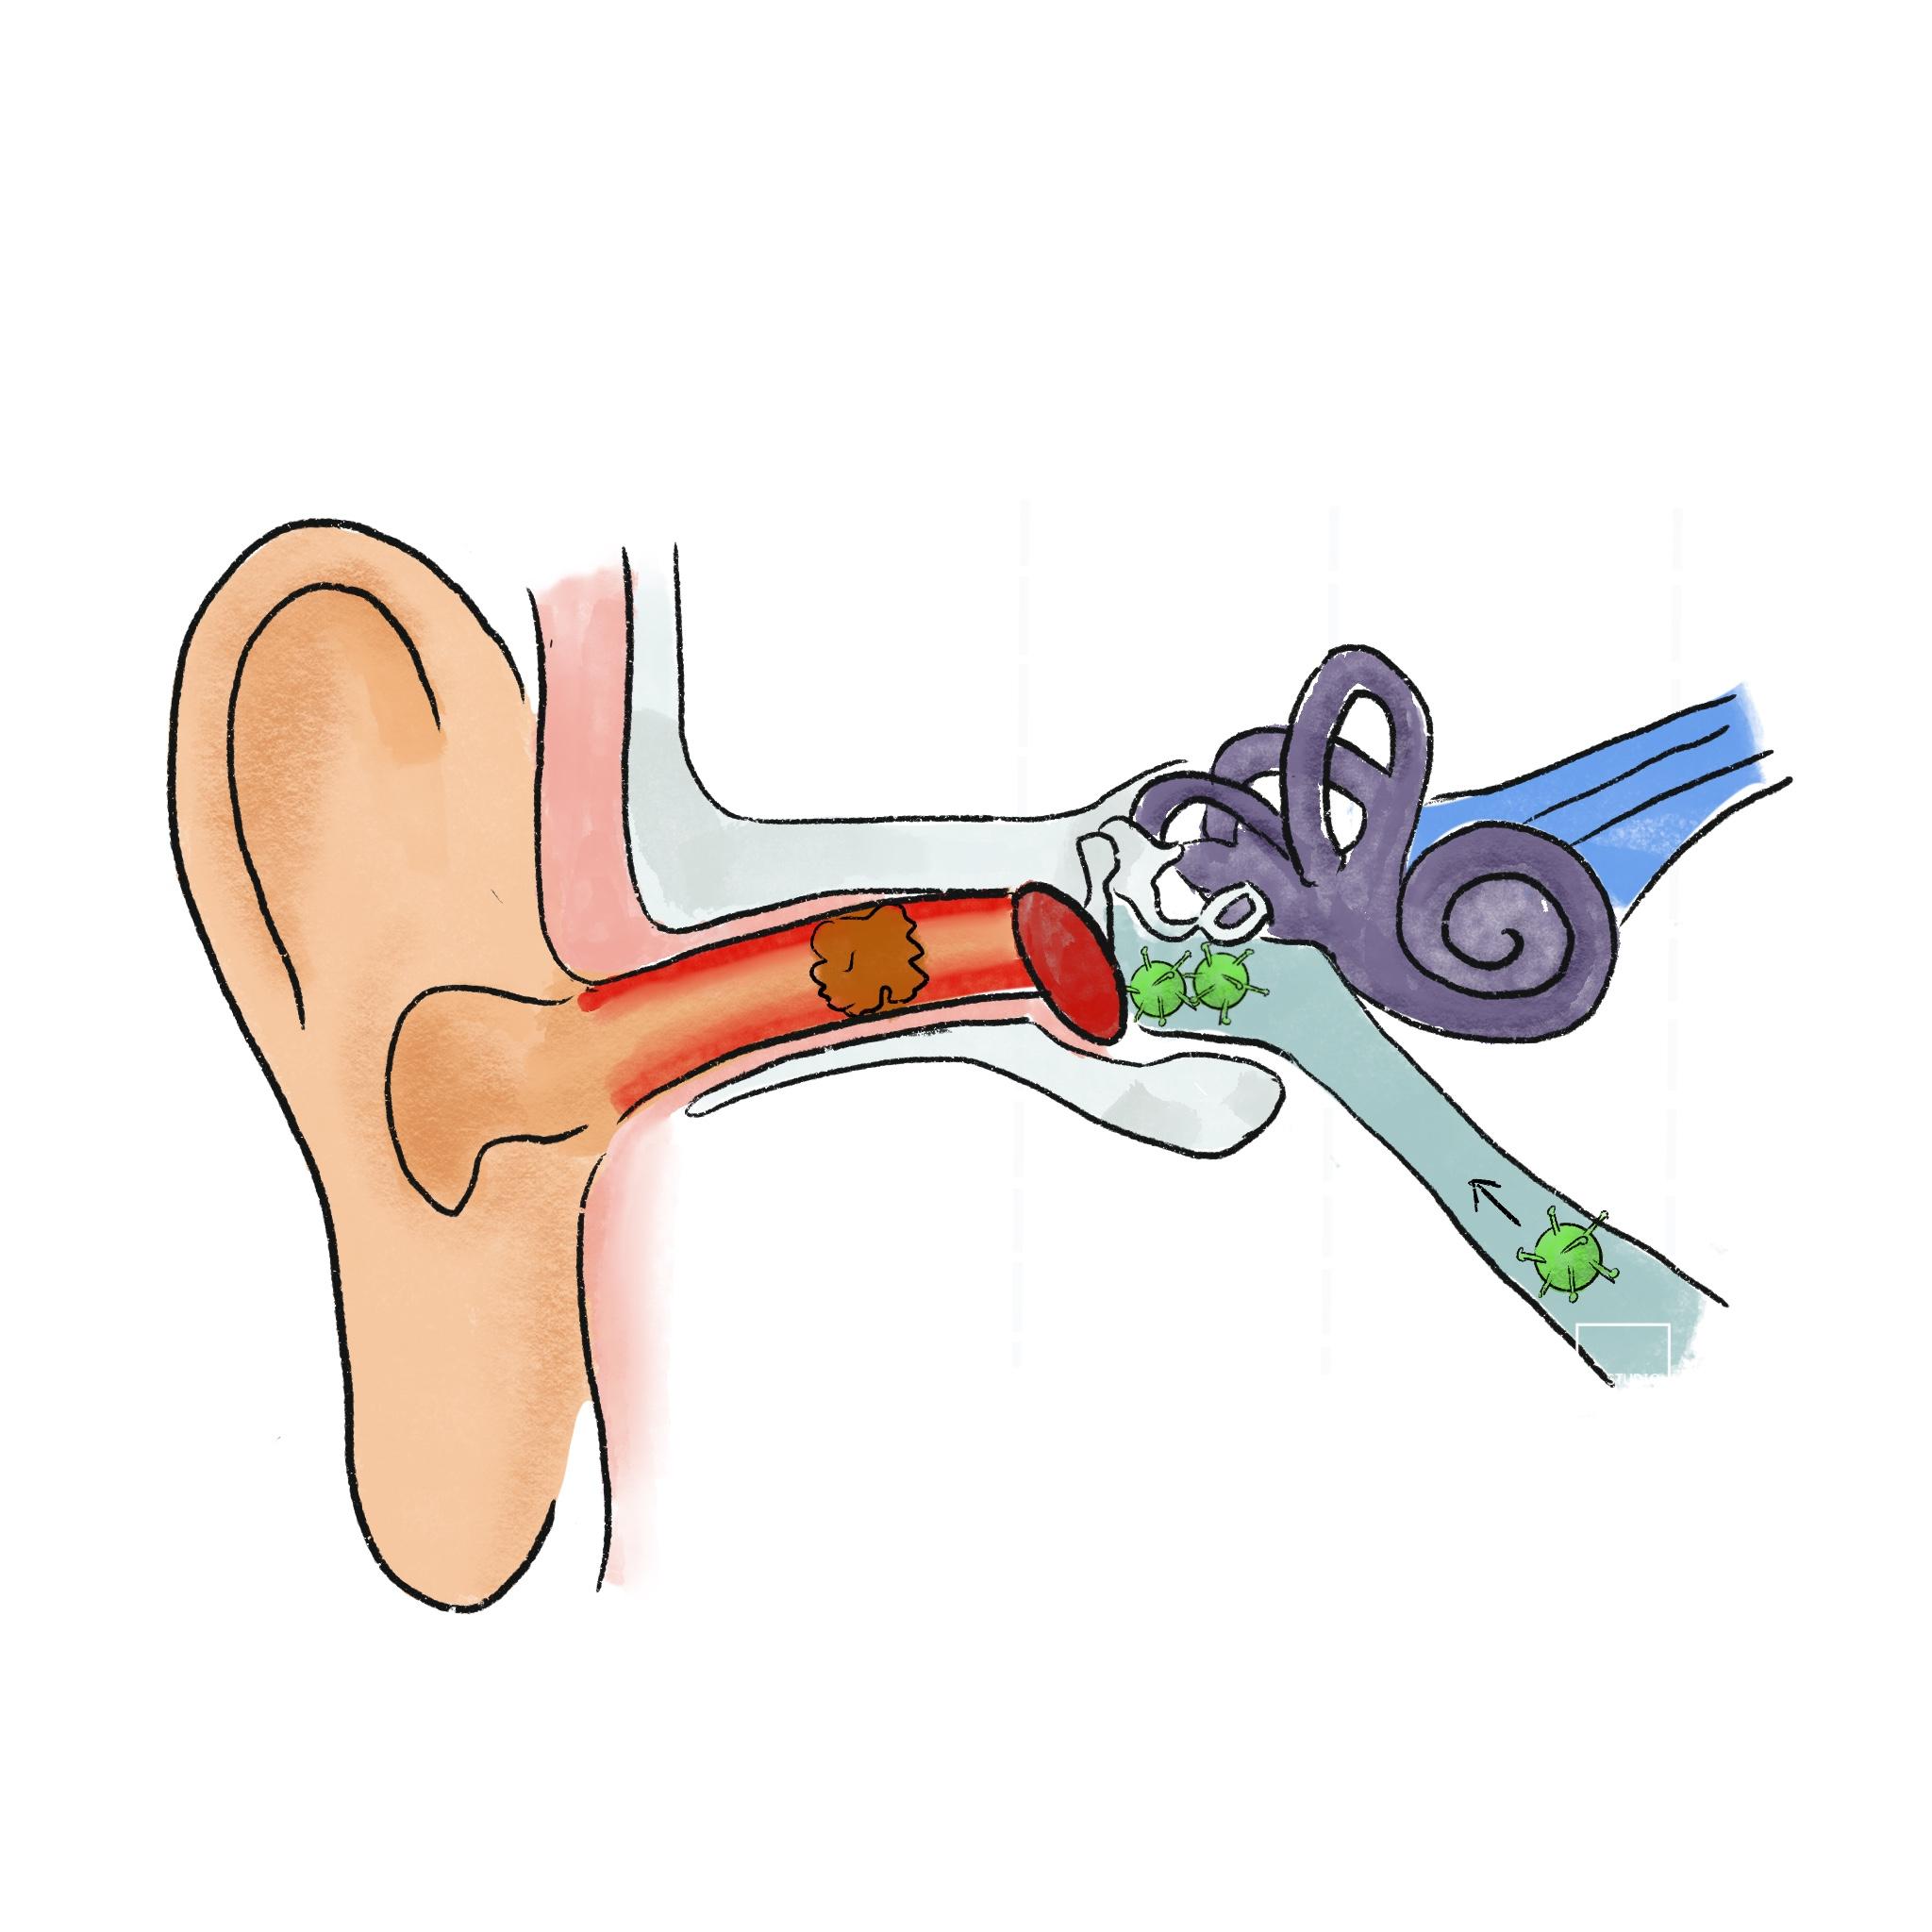 Studio Nons | Oorpijn oorontsteking